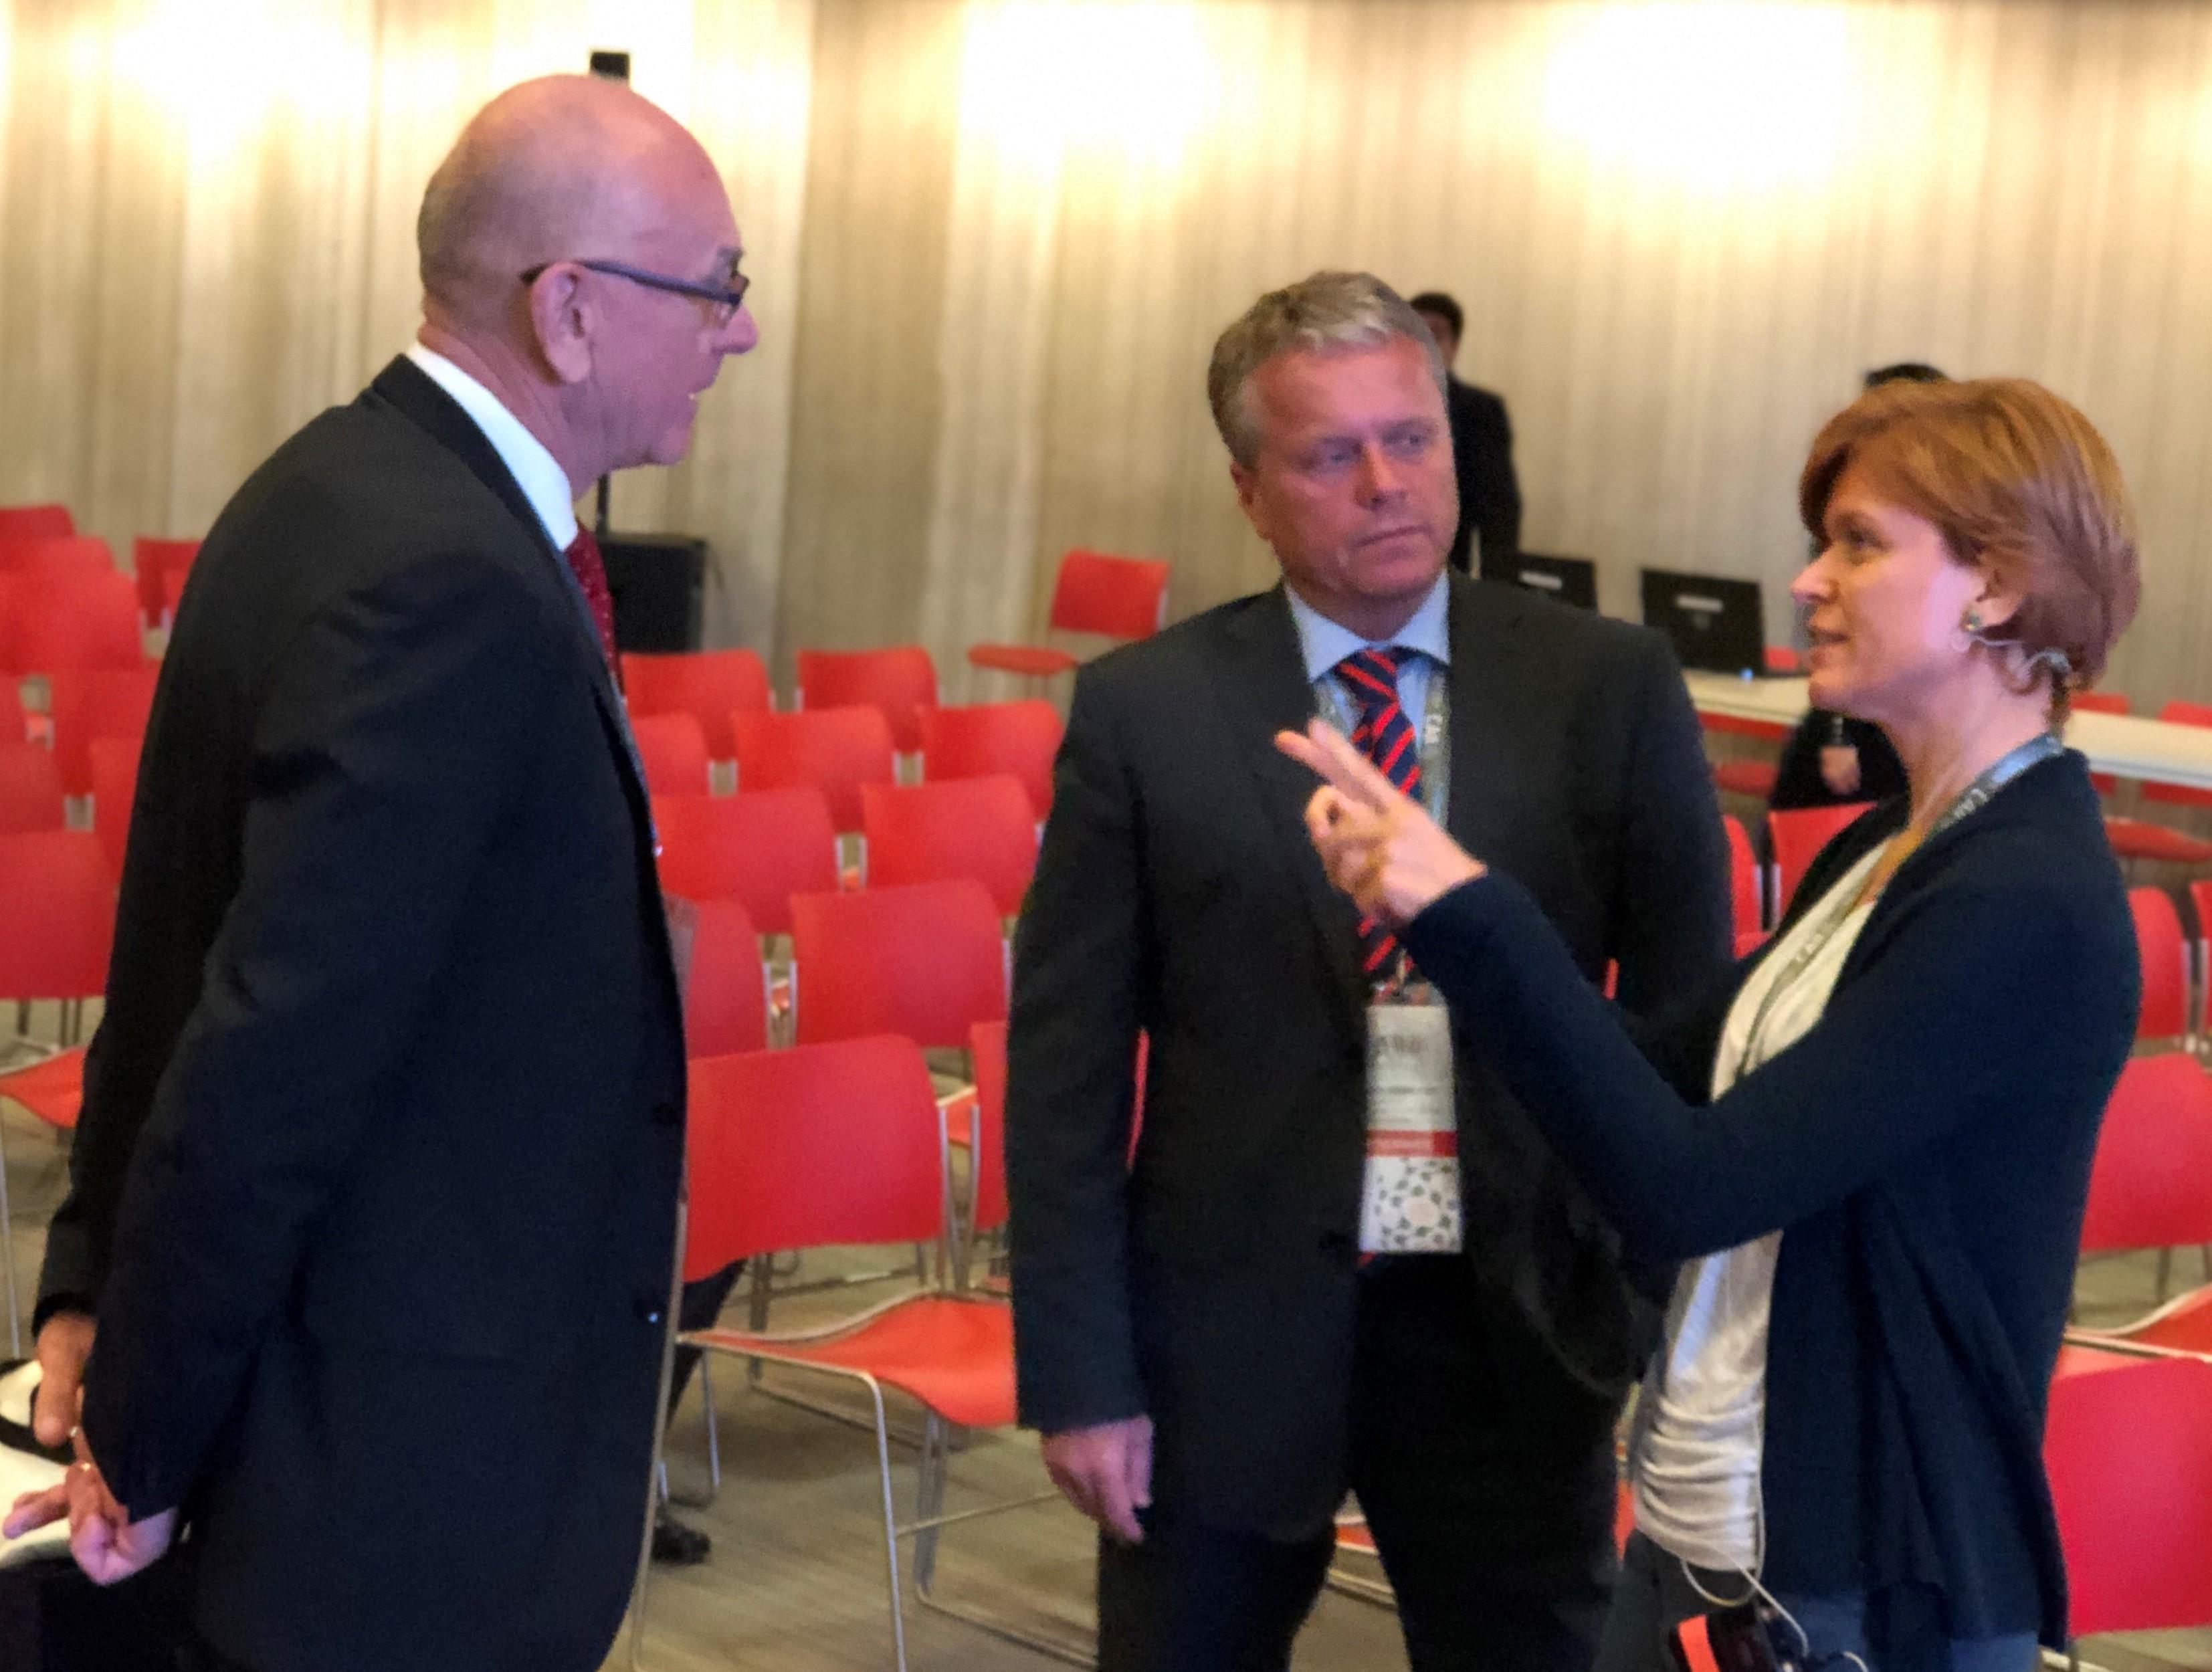 Predseda NKÚ K. Mitrík, generálny riaditeľ Ľ. Andrassy, a Z. Wienk